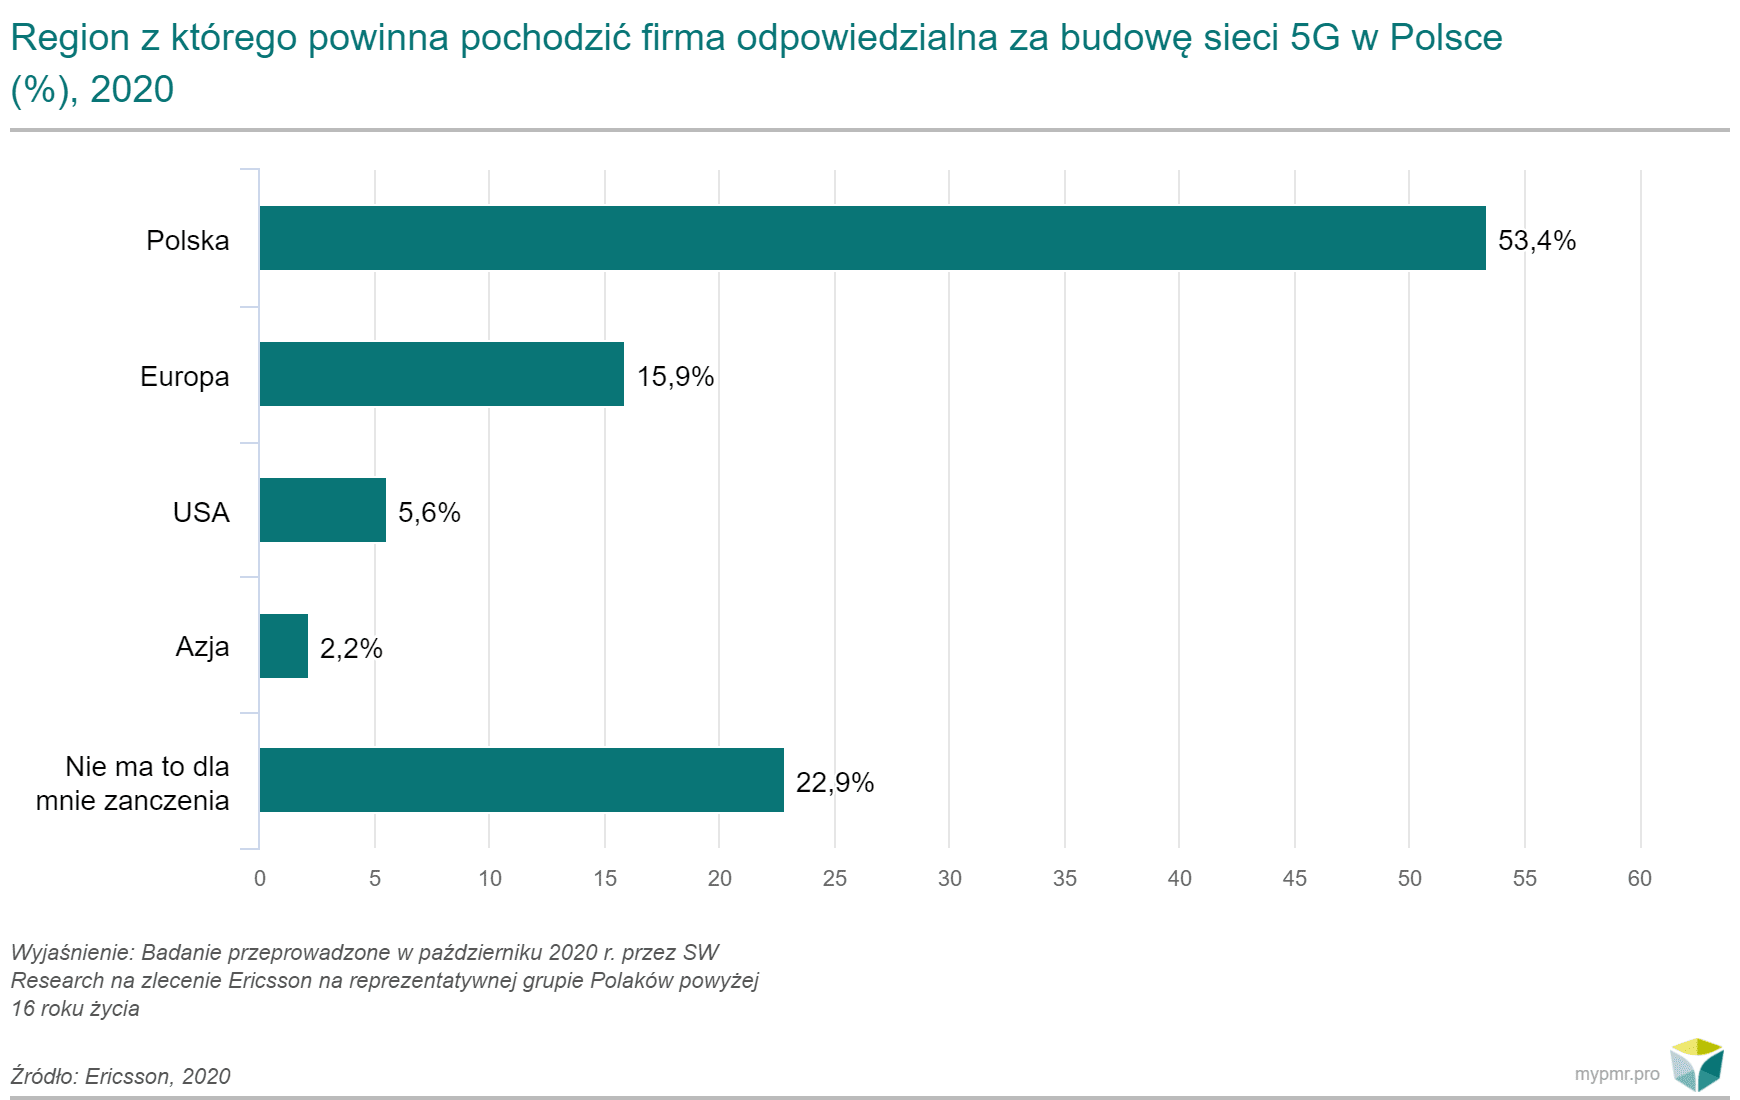 Firmy odpowiedzialne za budowe 5G w Polsce